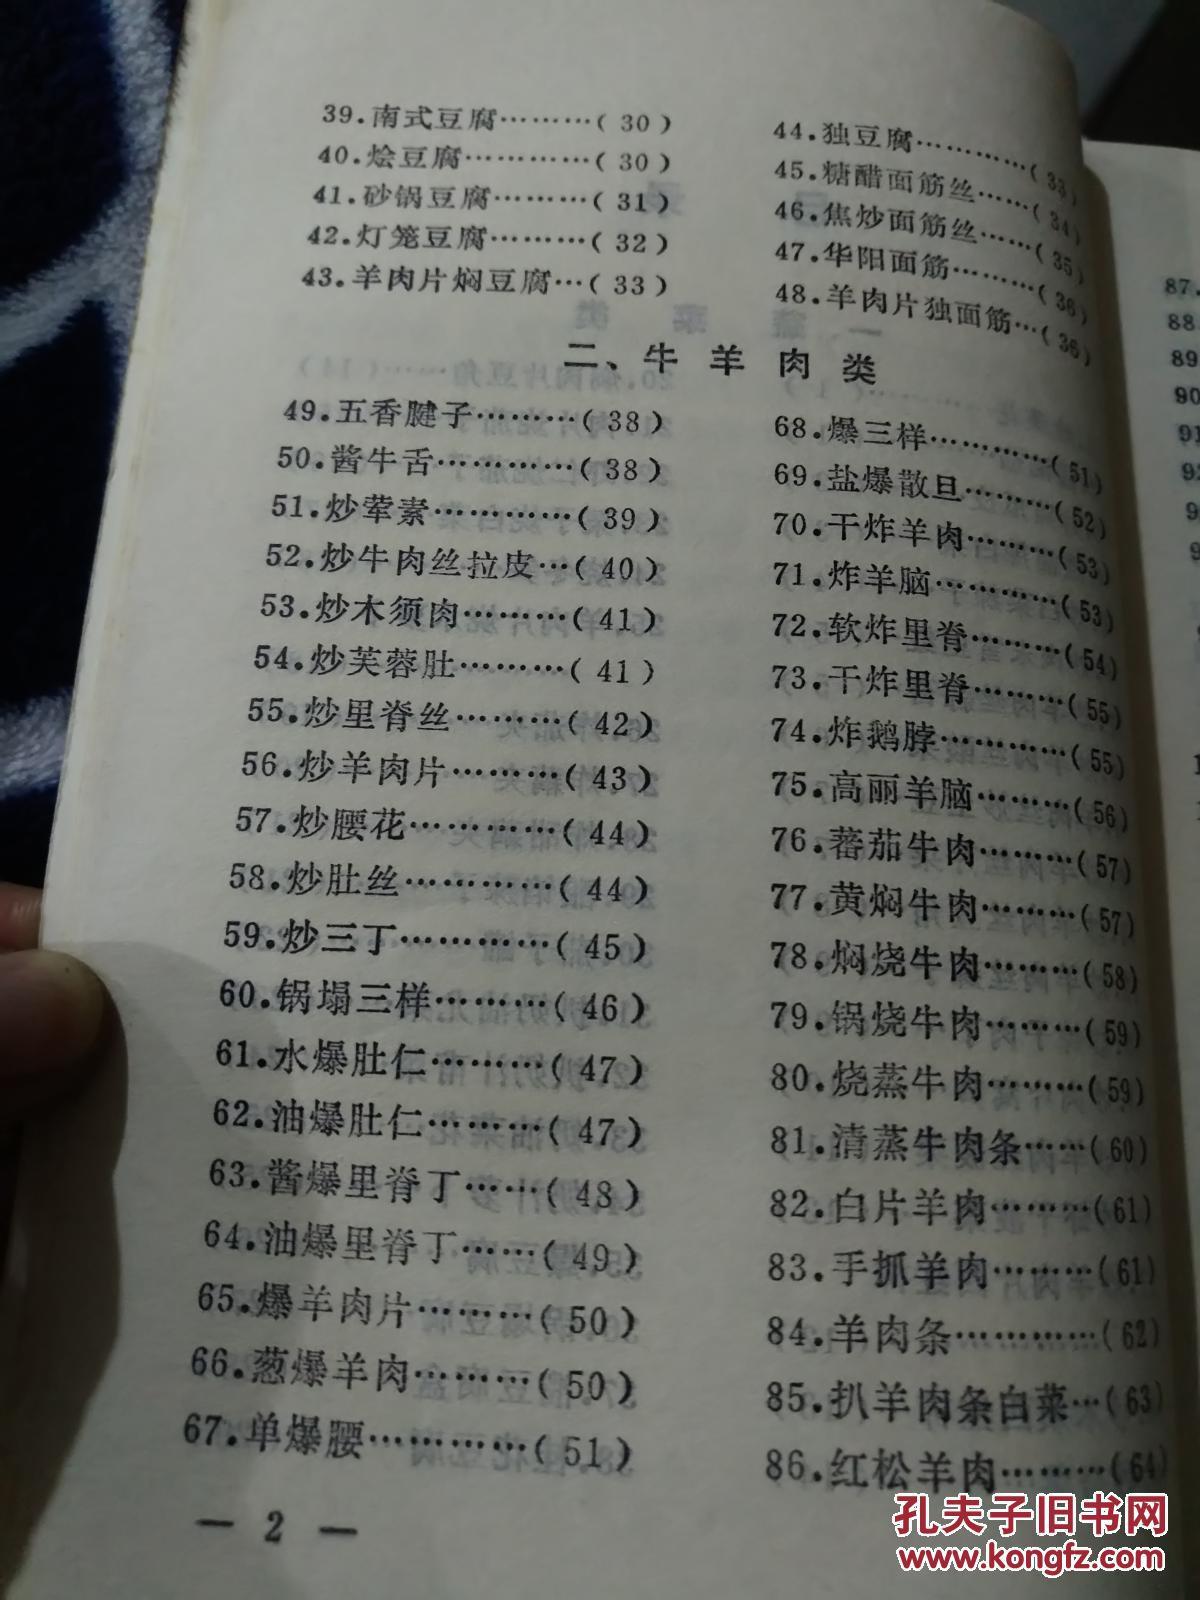 【图】语录菜谱[食谱菜谱]有毛菜谱回民【19家主席郑州几图片